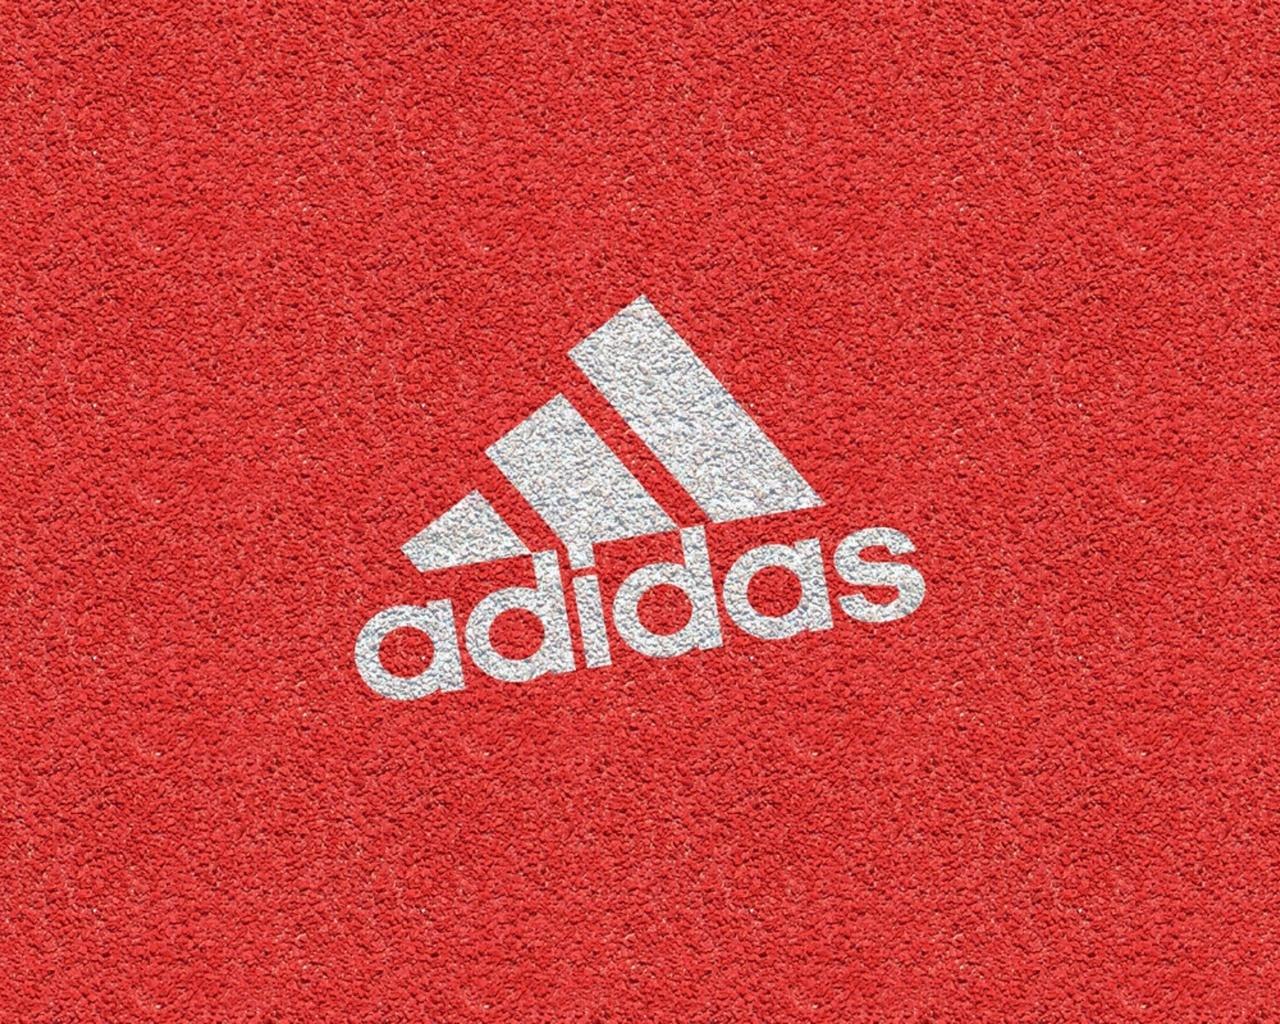 10896 Заставки и Обои Бренды на телефон. Скачать Адидас (Adidas), Бренды, Логотипы картинки бесплатно